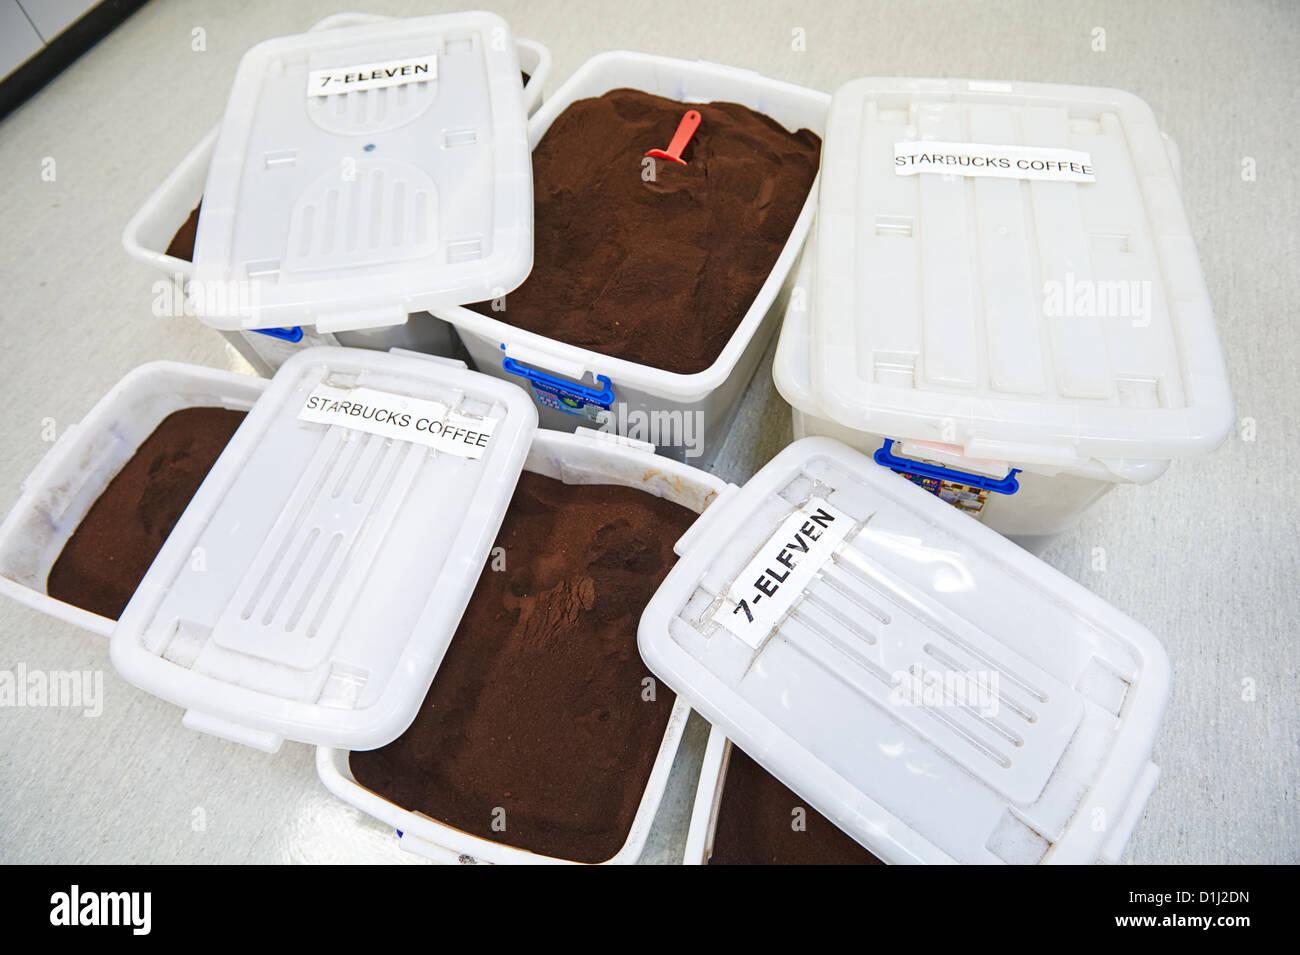 Los recipientes de Muele café reciclado utilizado para la investigación y la fabricación de tejidos Imagen De Stock